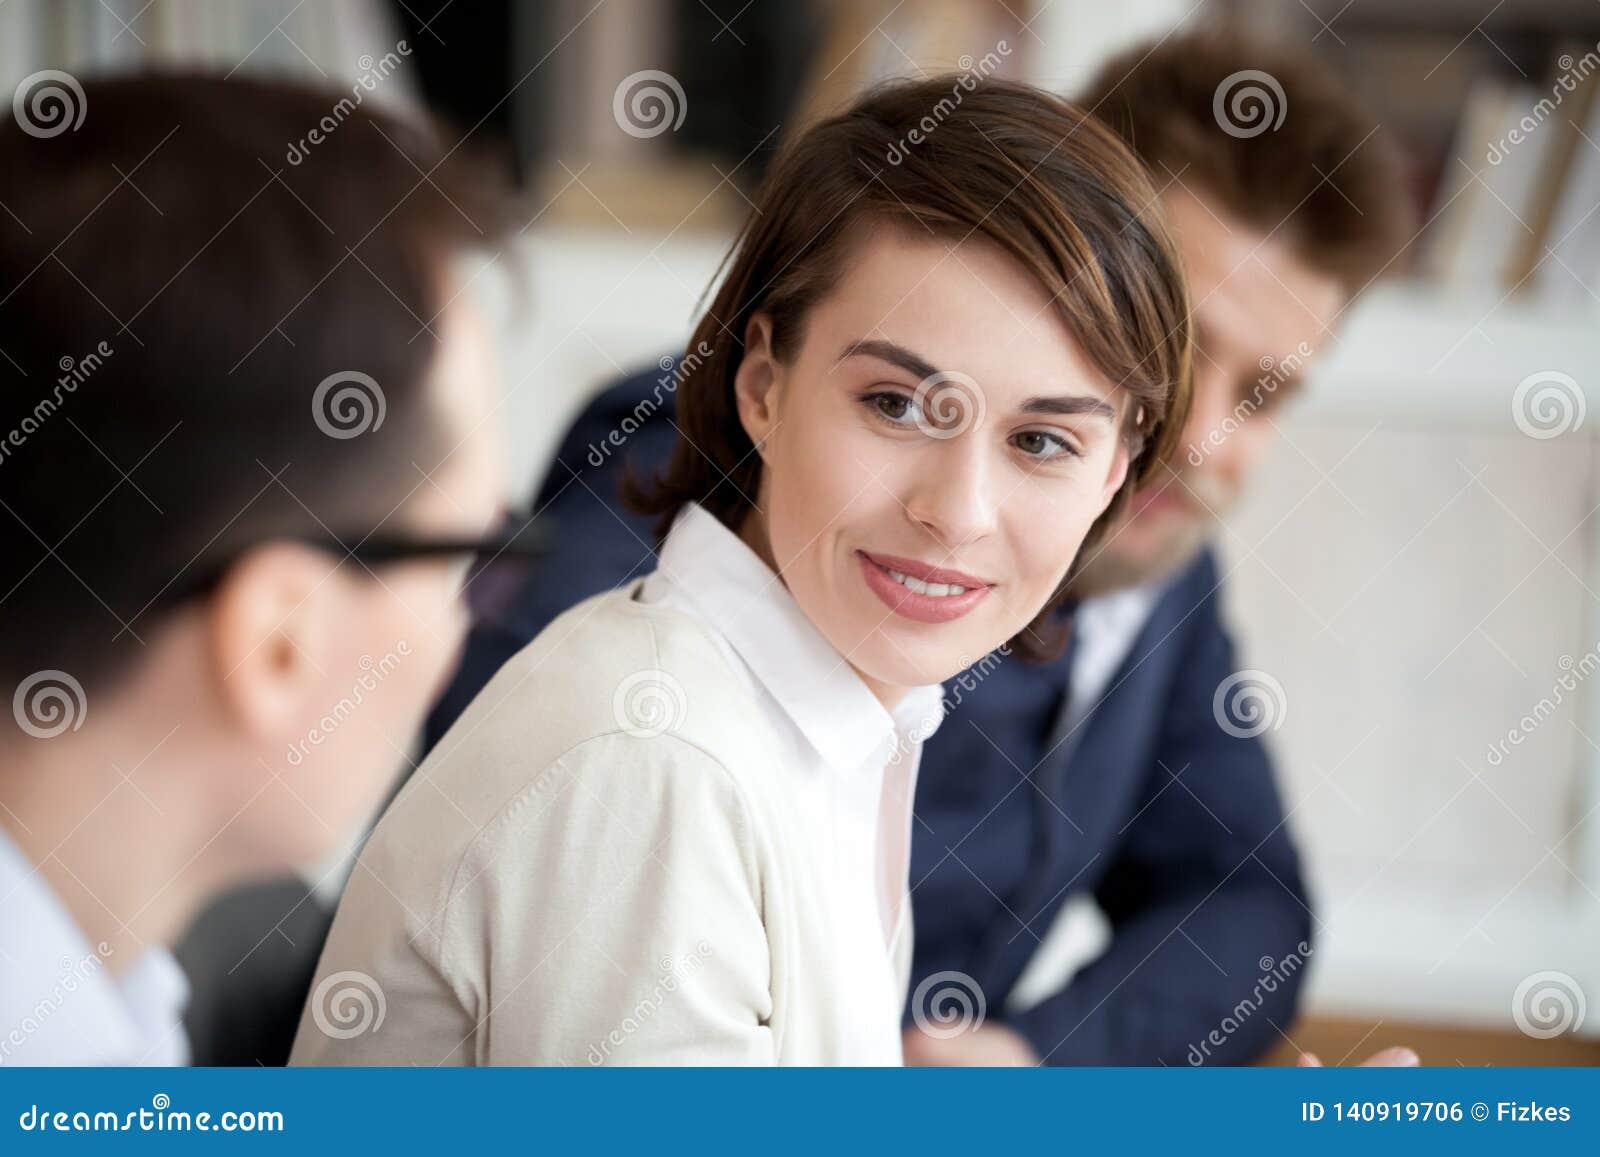 Νέοι ειδικοί που μοιράζονται τη συνεδρίαση πληροφοριών μαζί στην αίθουσα συνεδριάσεων